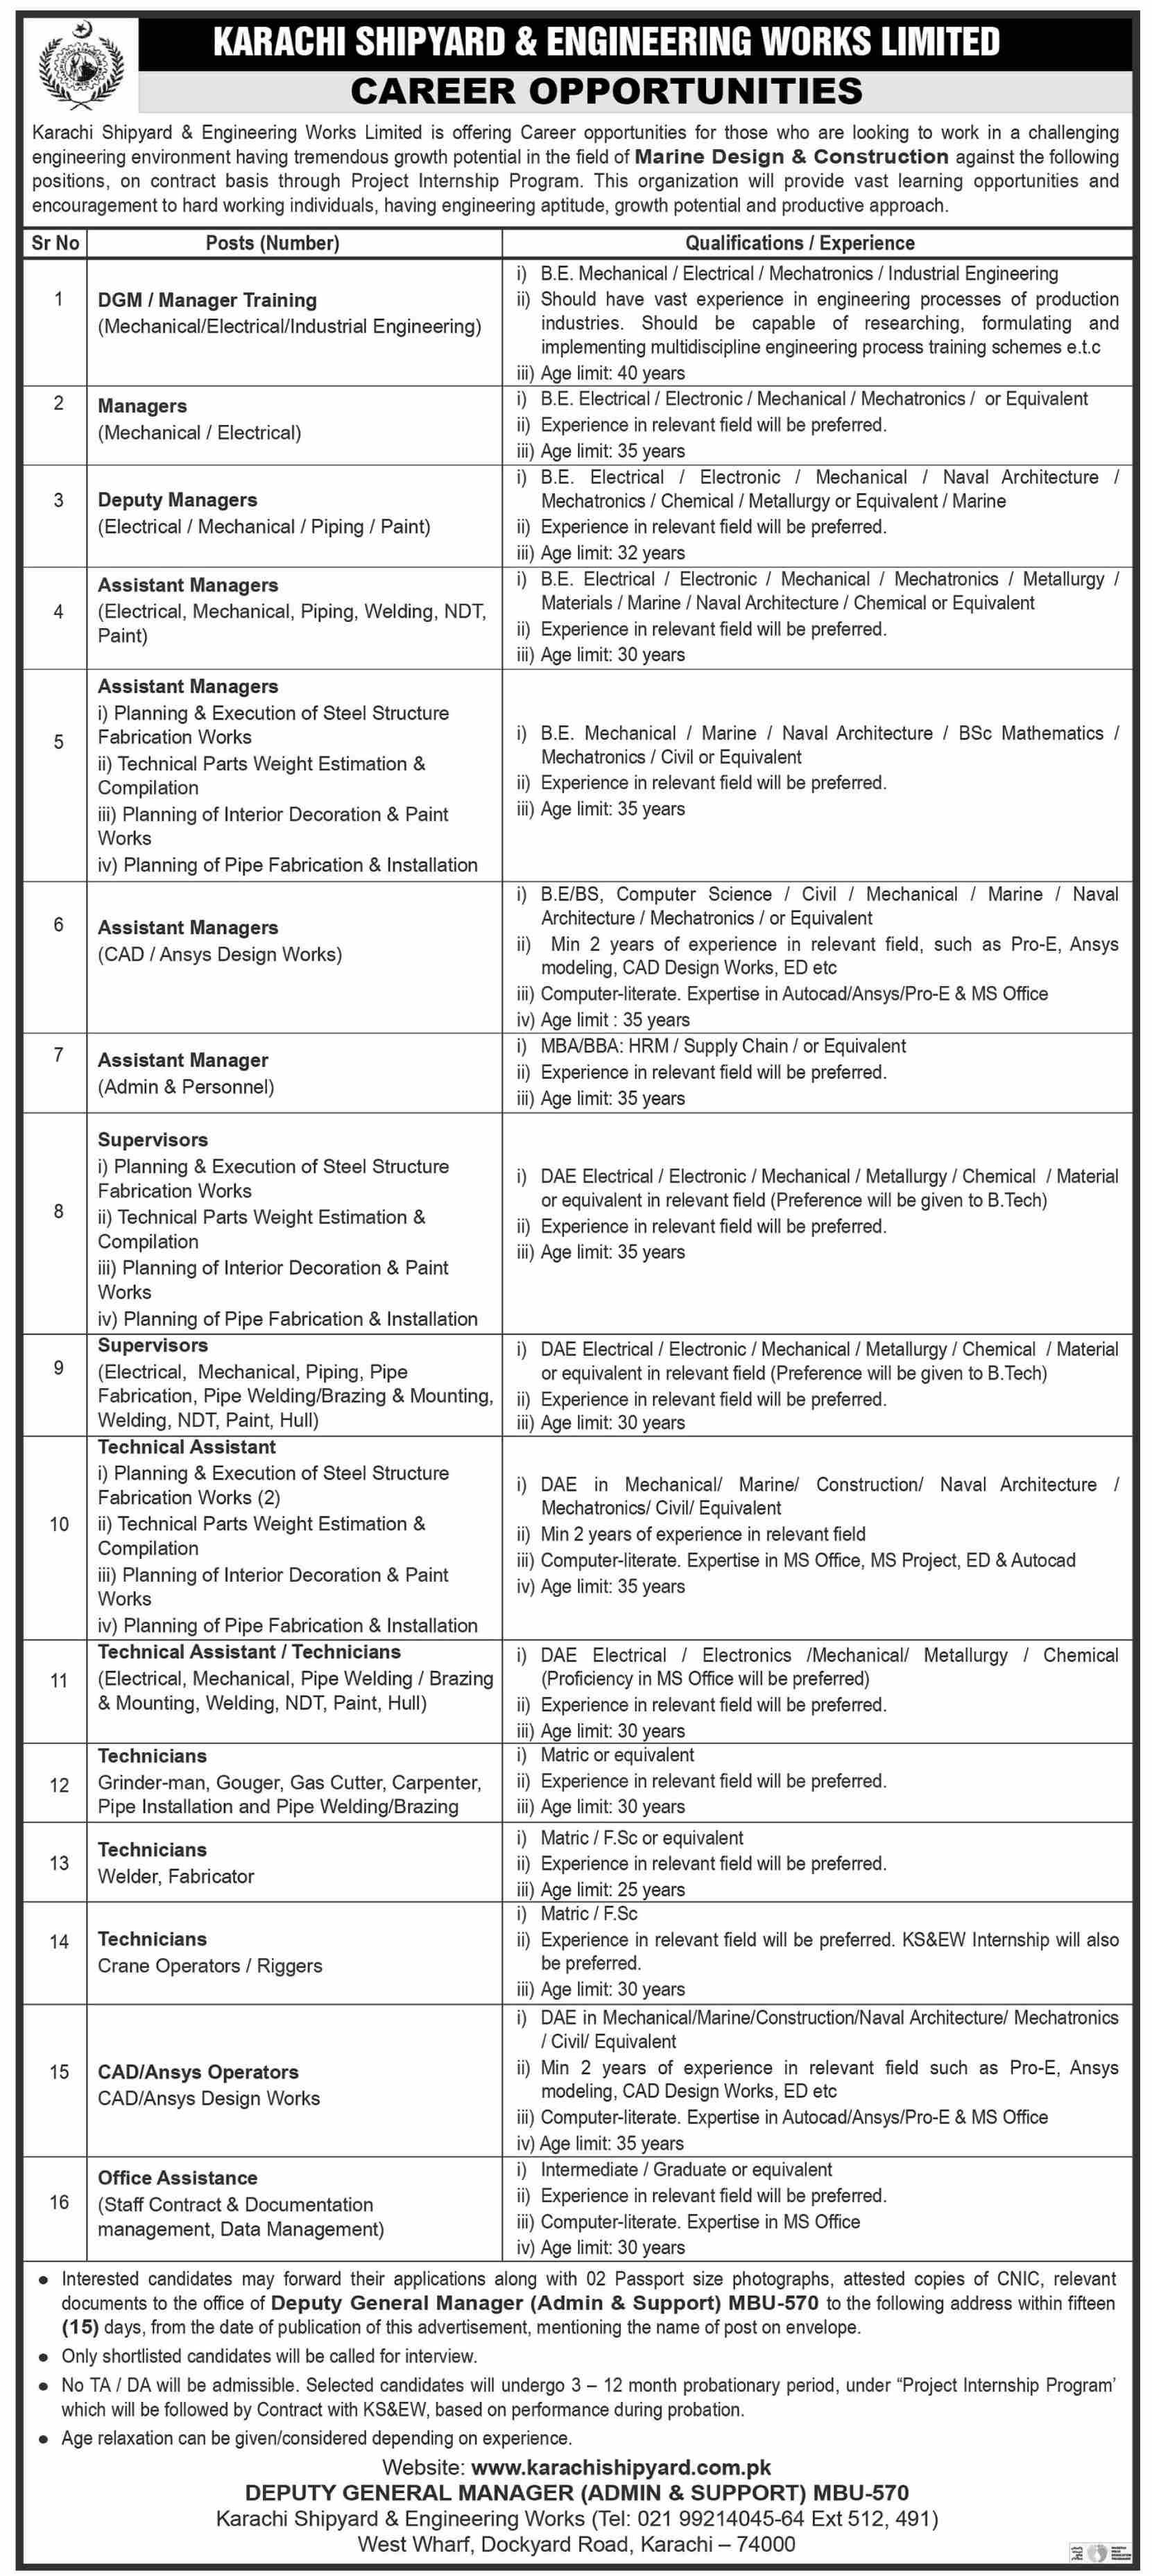 Karachi Shipyard & Engineering Works Jobs 2021 2